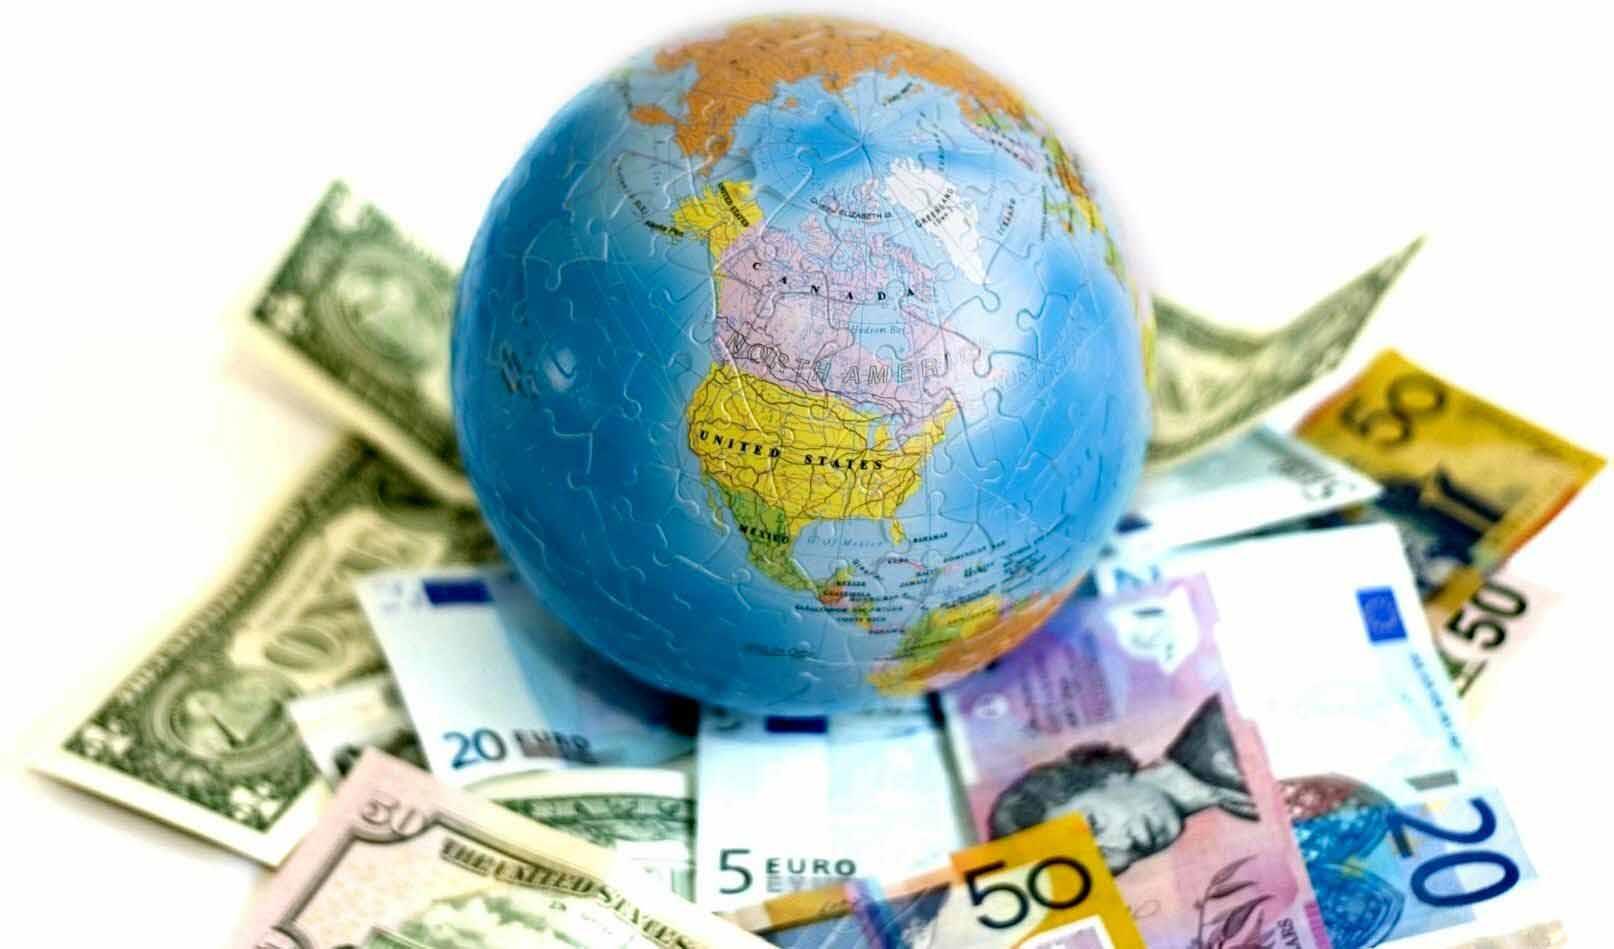 وضع اقتصادی کشورهای مختلف چه طور خواهد بود؟